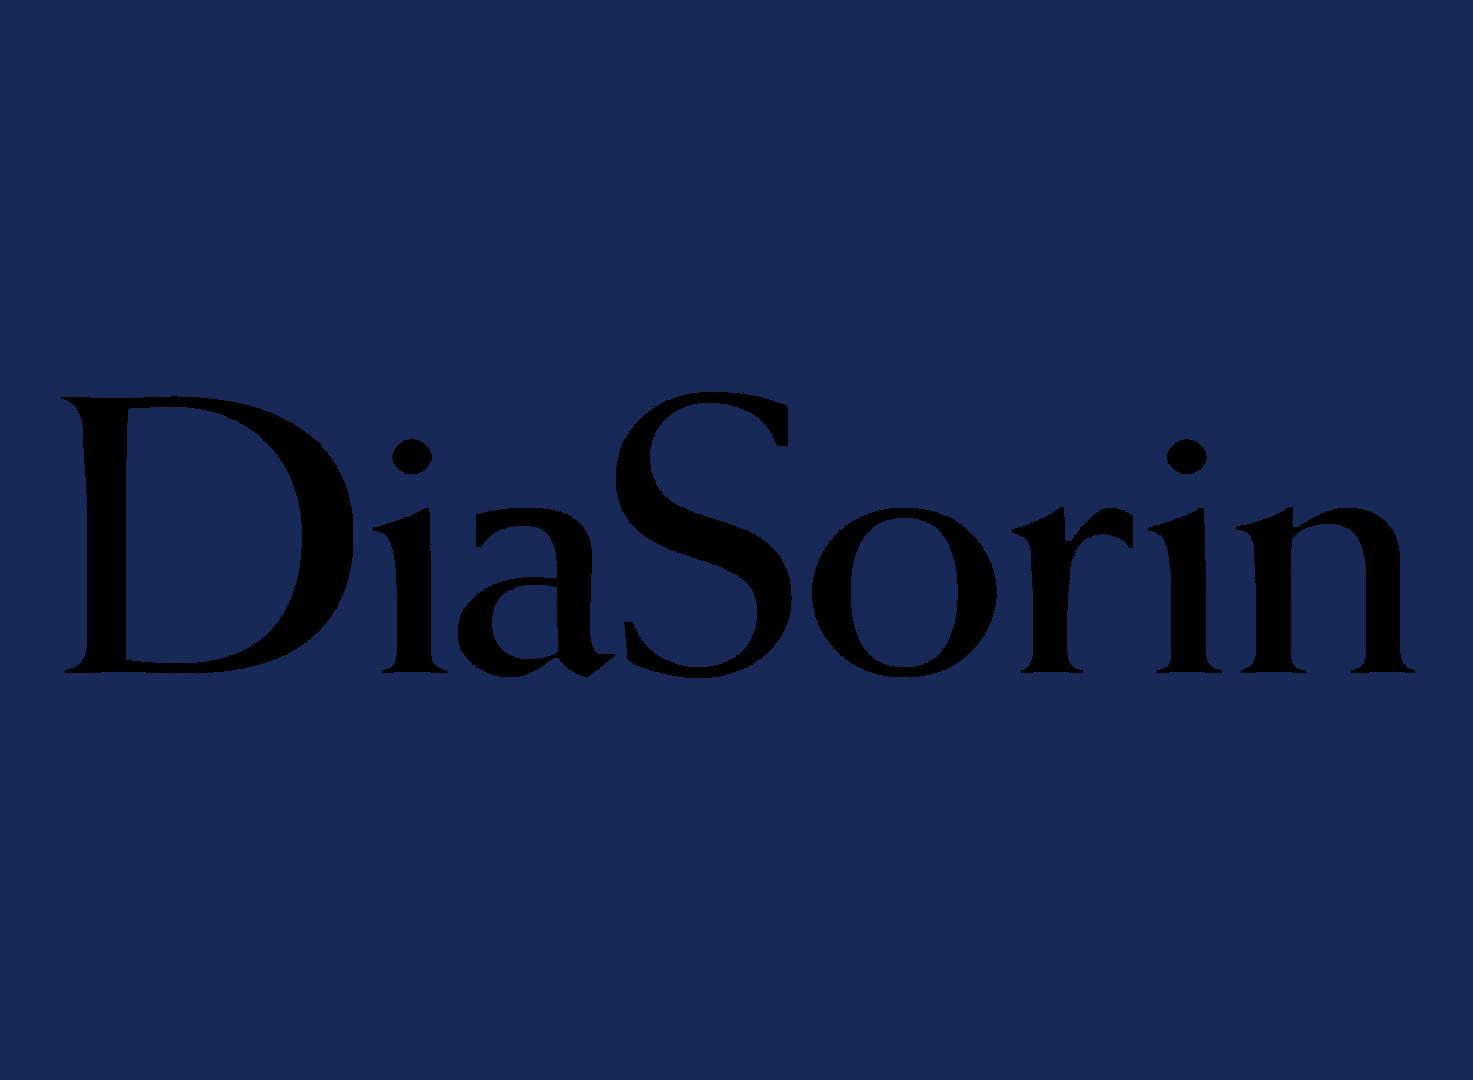 DIASORIN.png